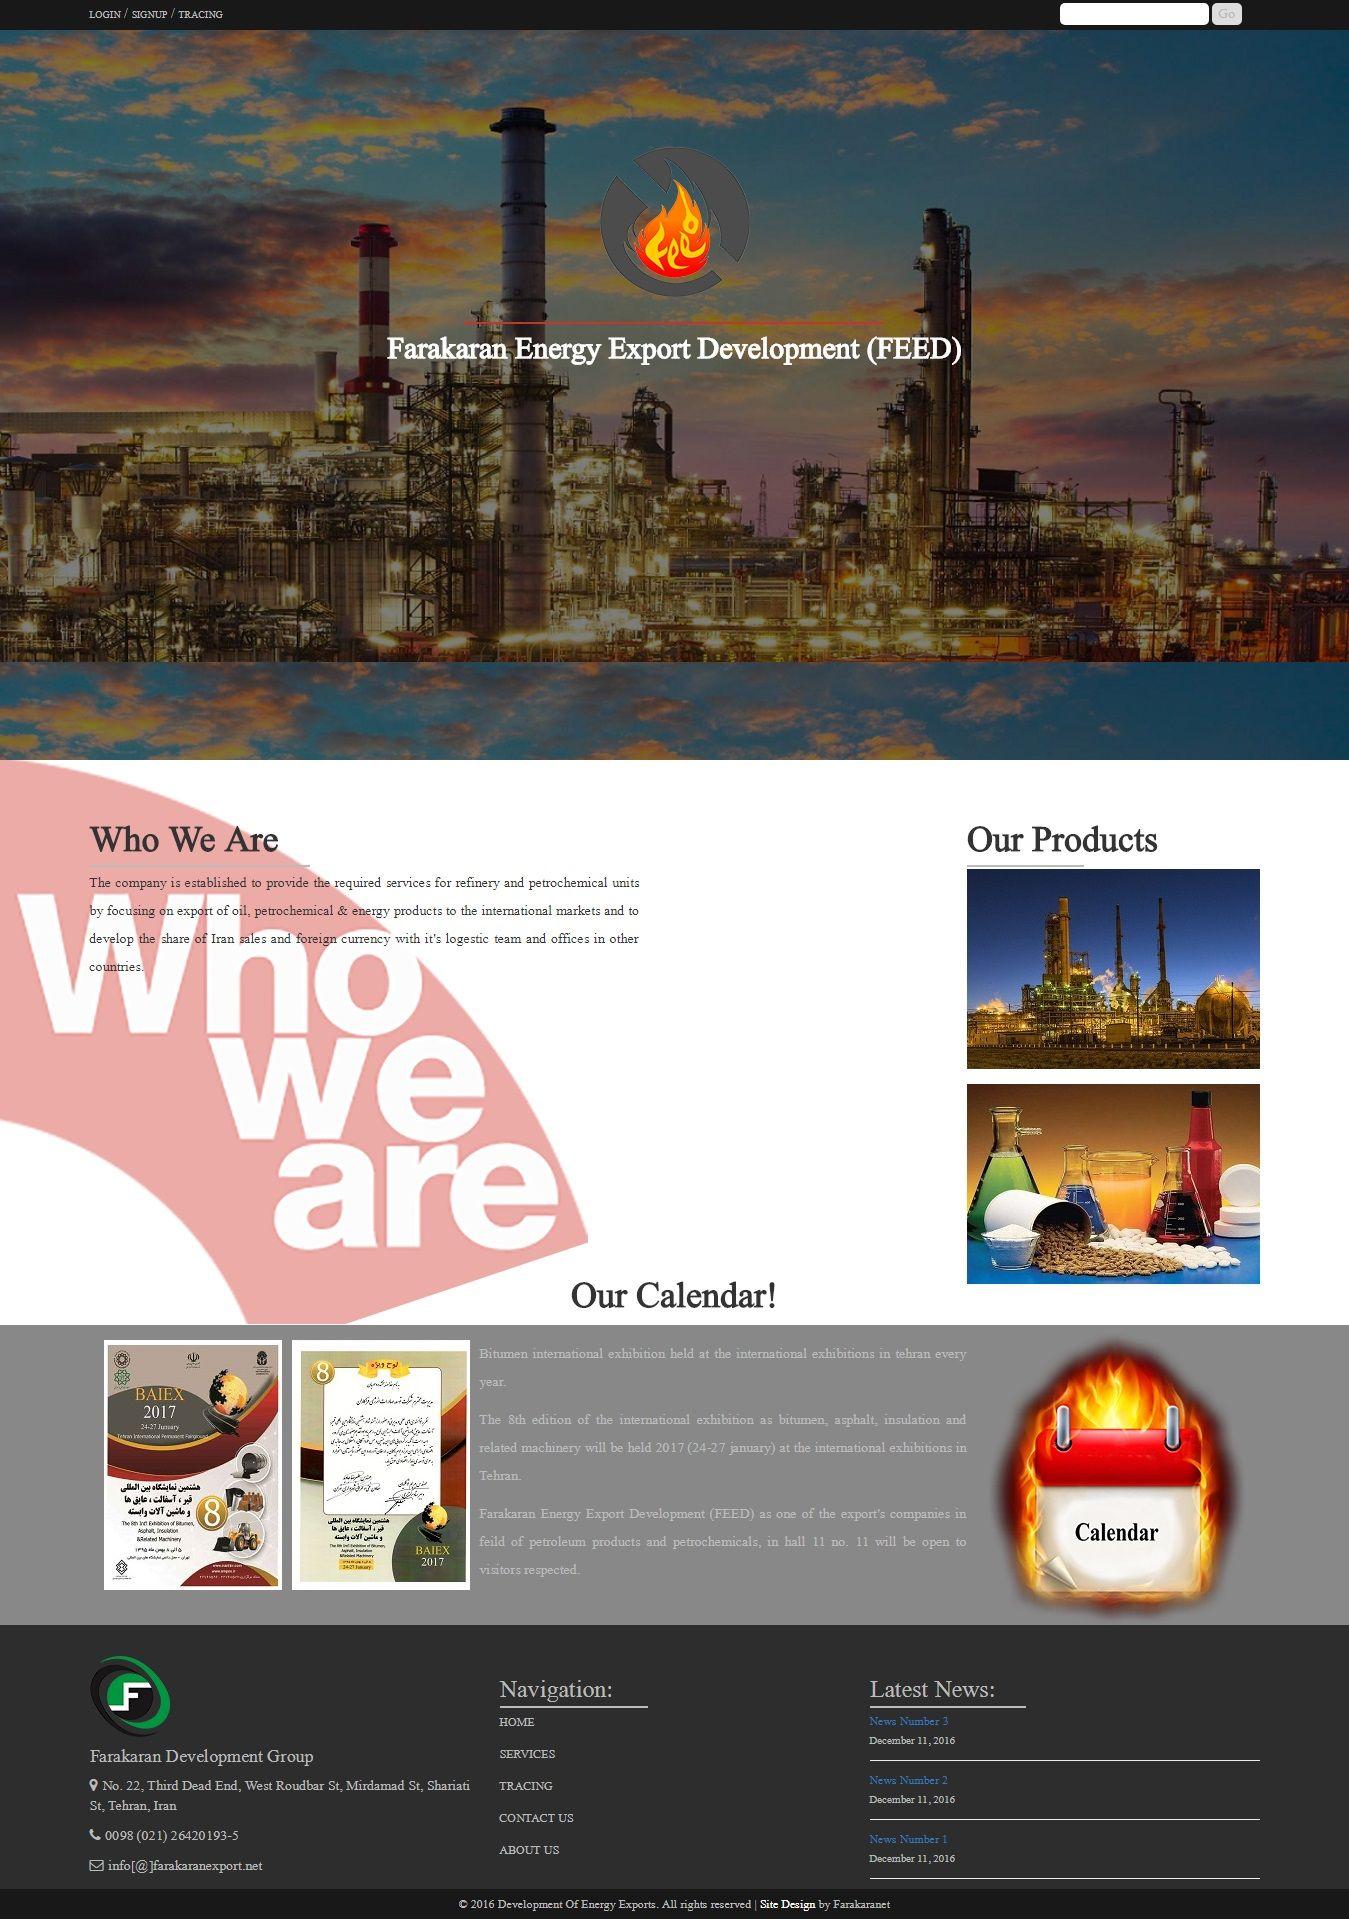 طراحی سایت فرکاران توسعه انرژی اکسپورت